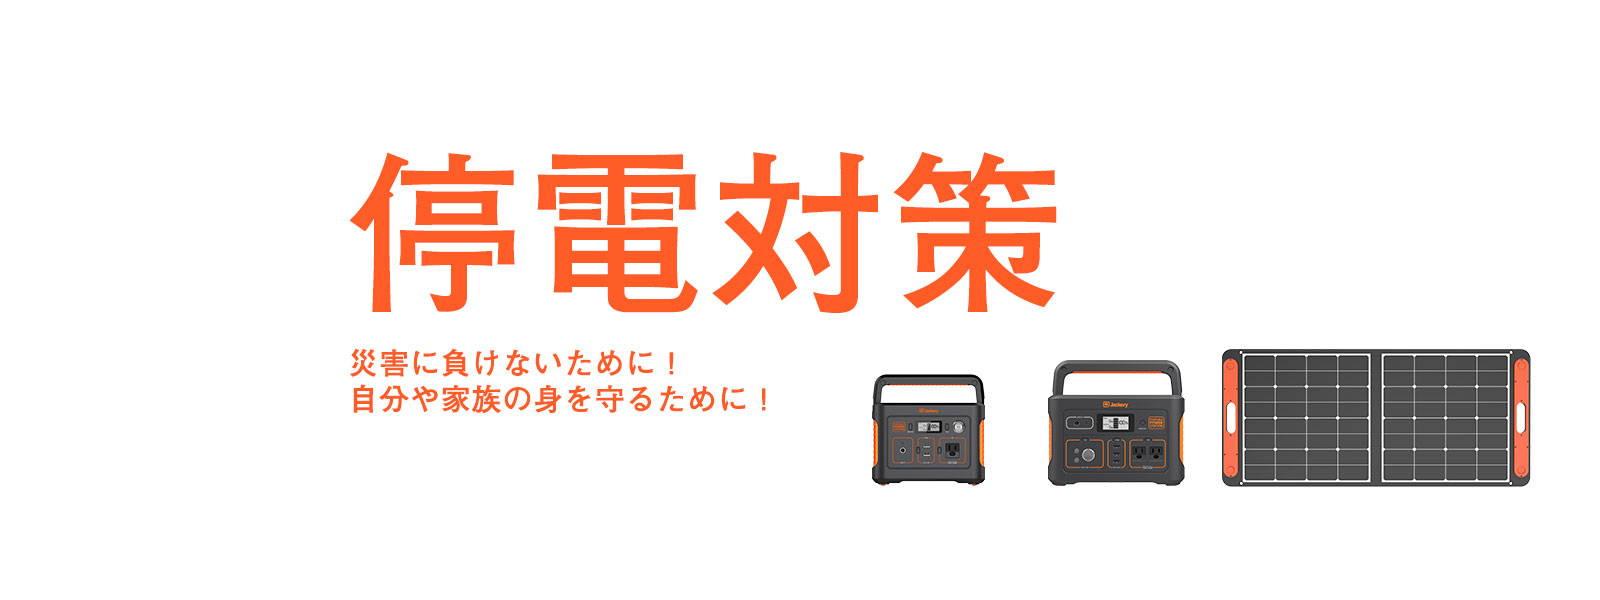 停電 神奈川 電力 東京